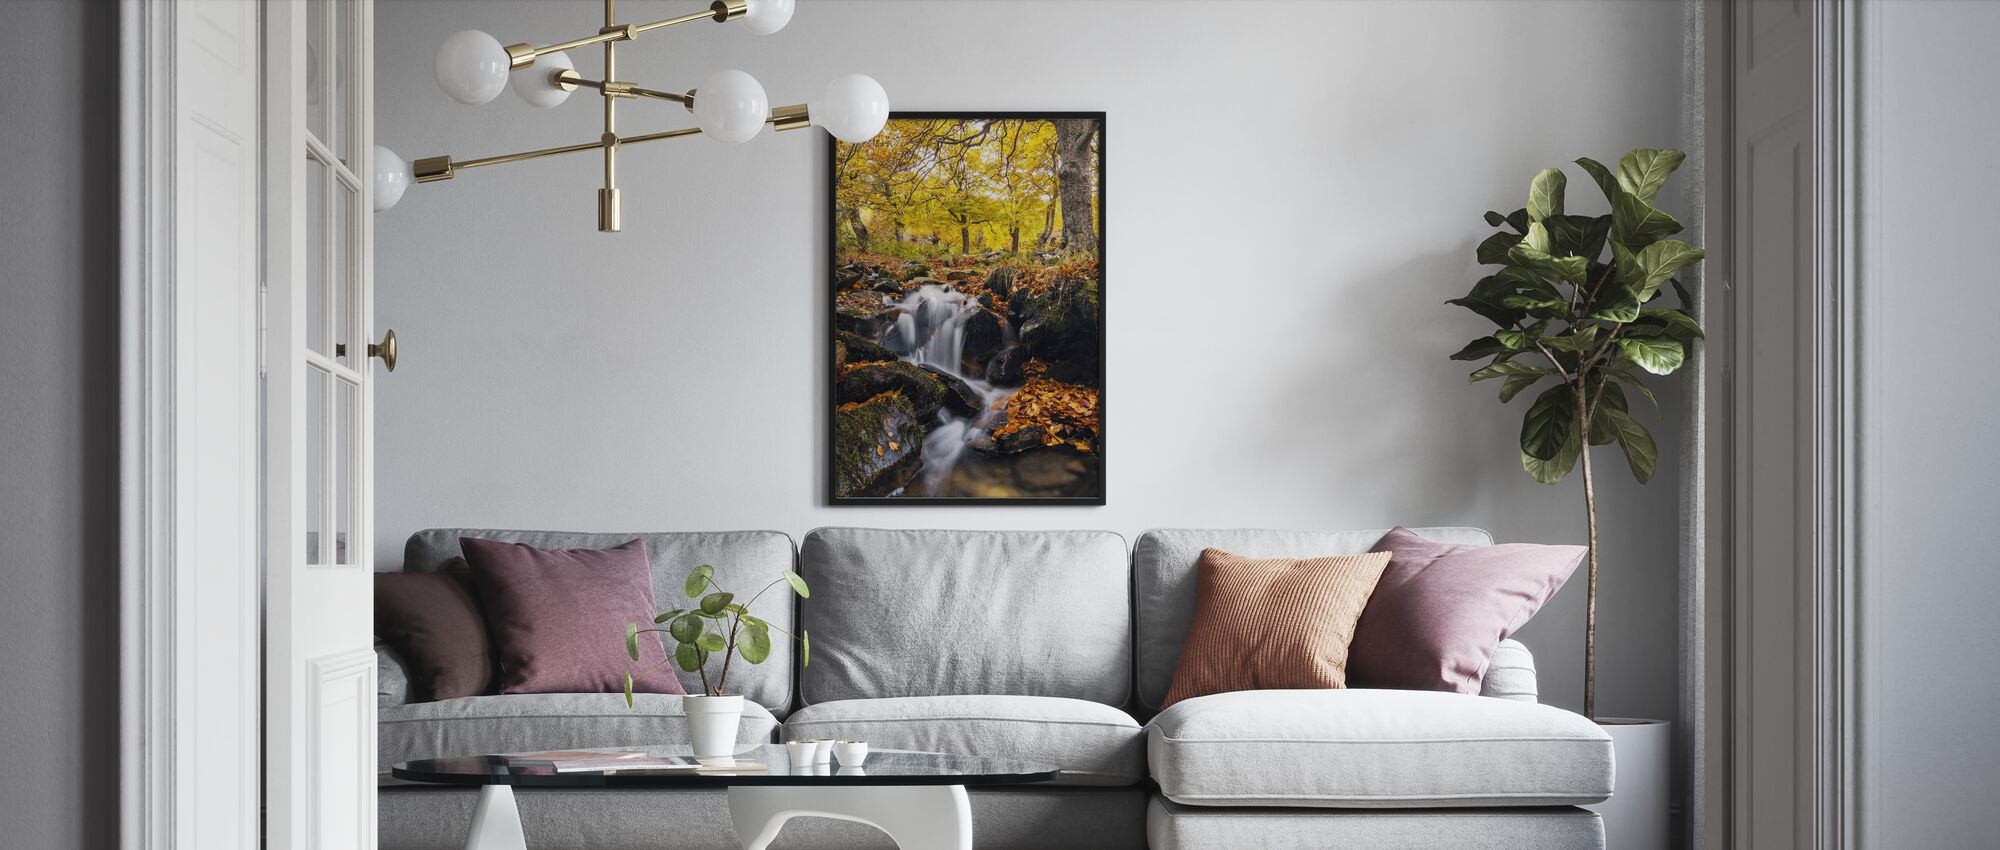 Spritzer des Herbstes - Poster - Wohnzimmer